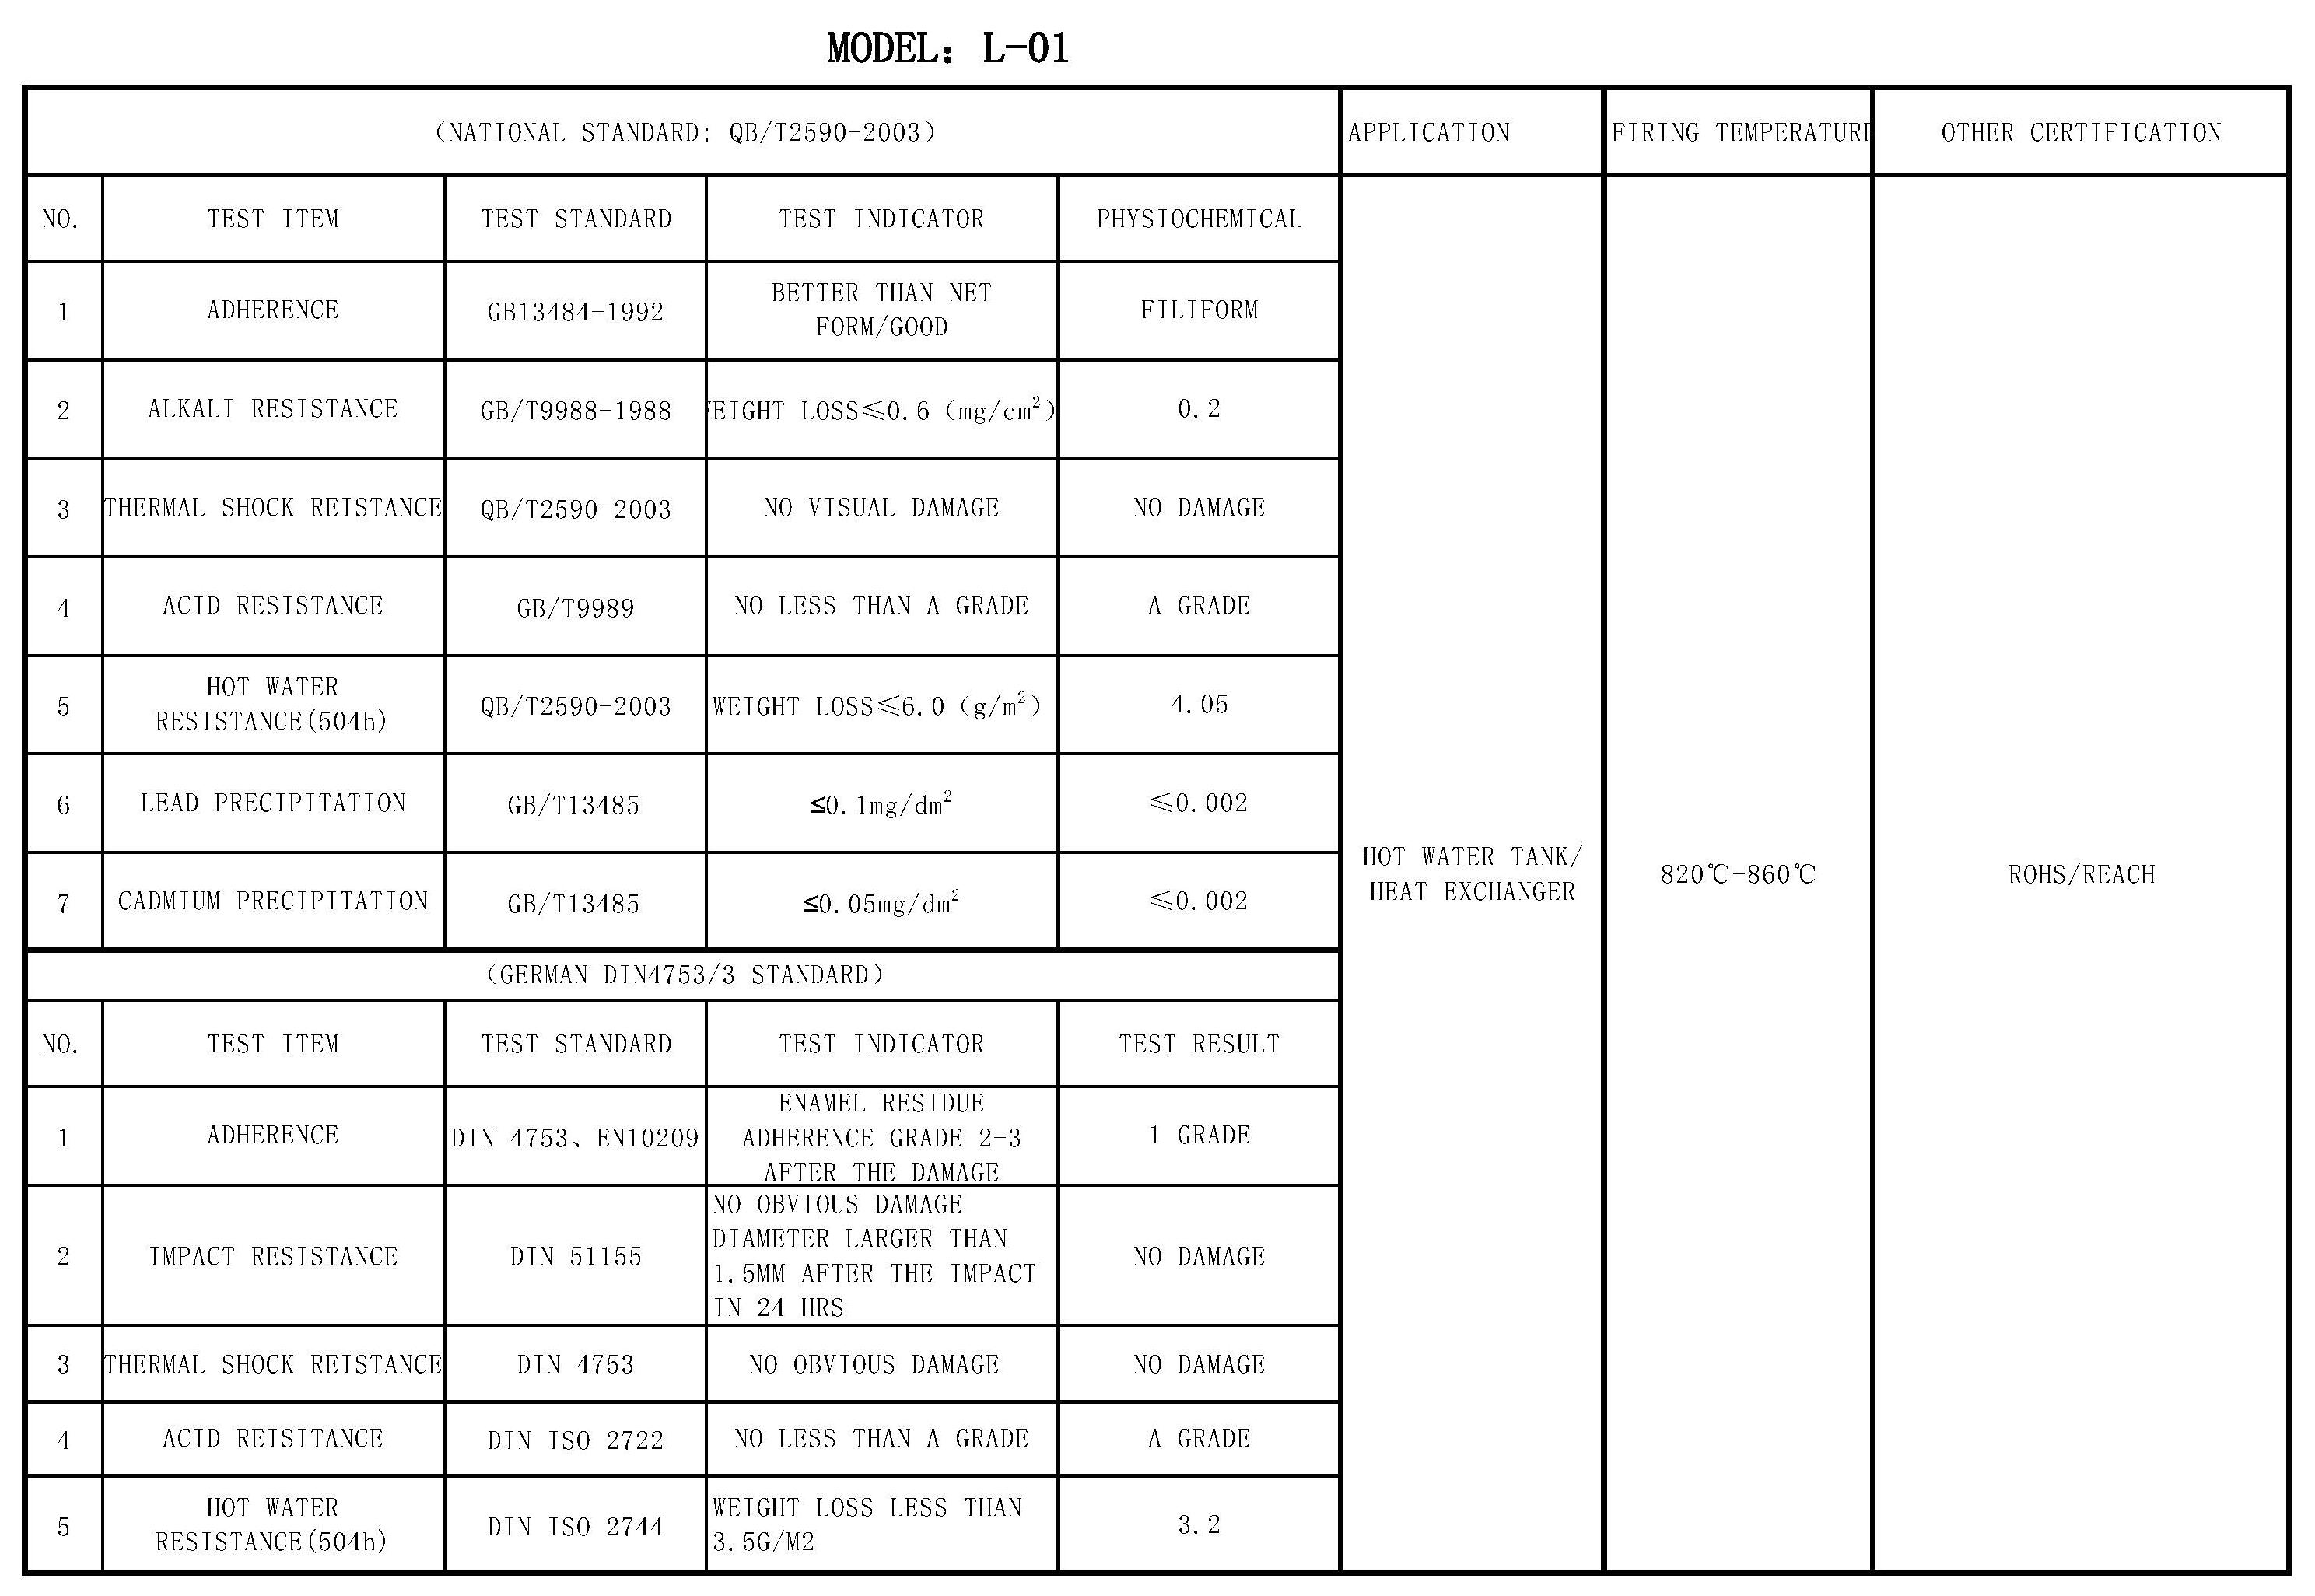 热水器性能资料2